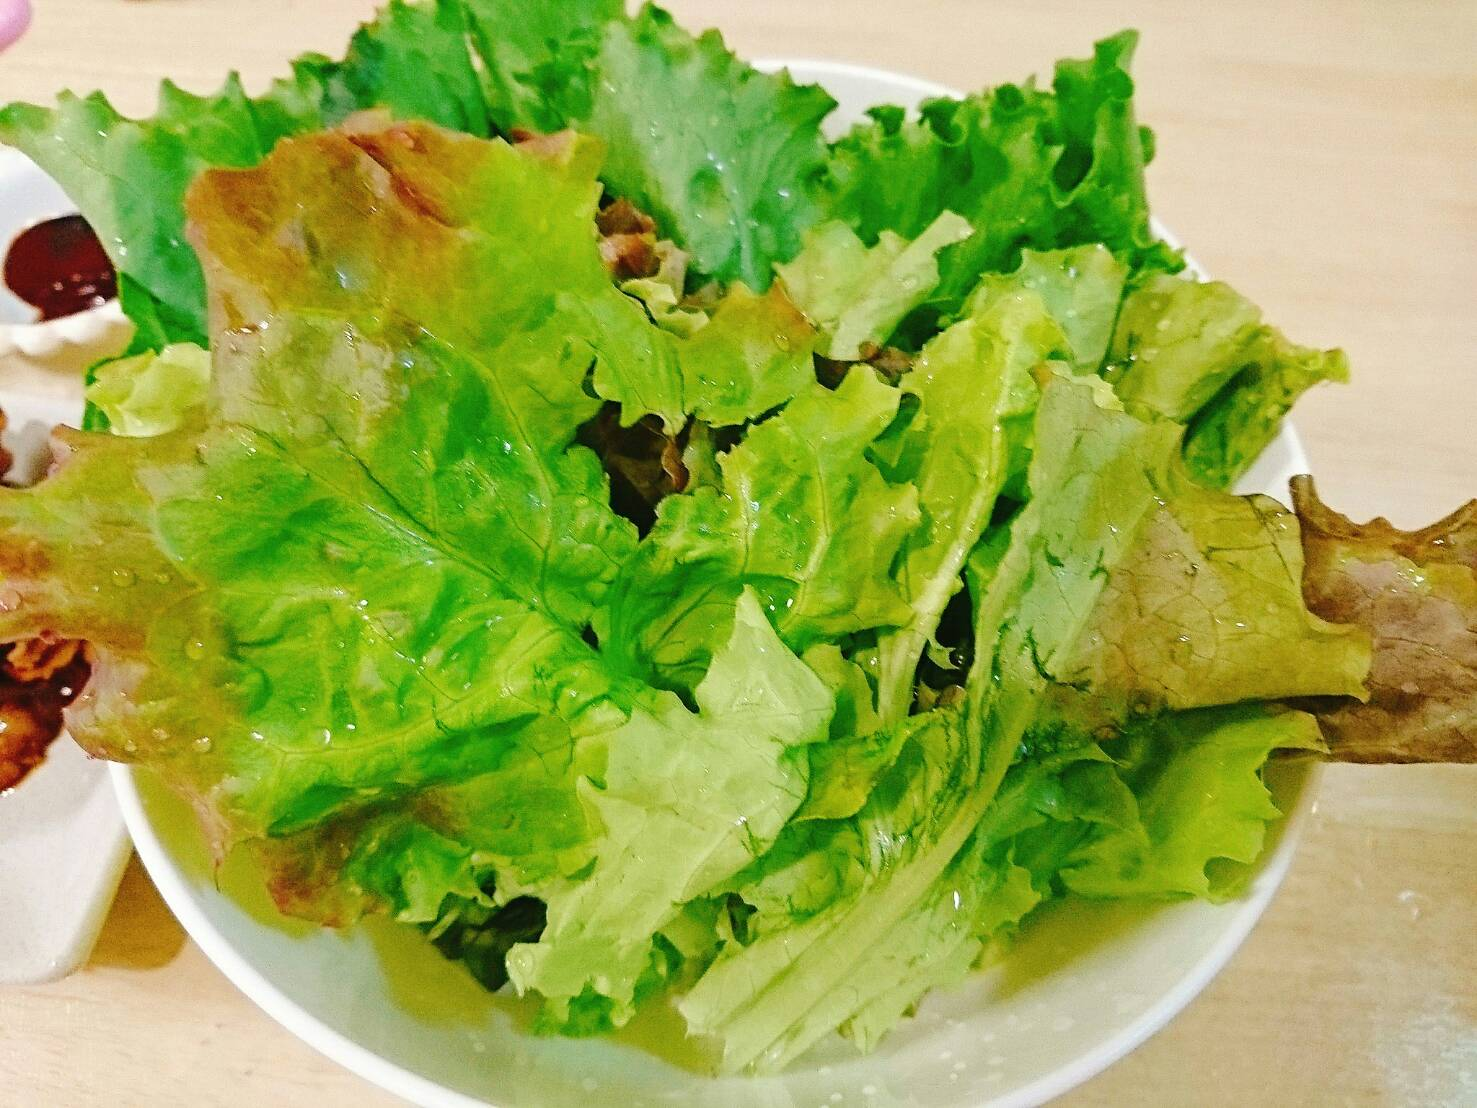 豚肉を新鮮野菜で包んで食べました